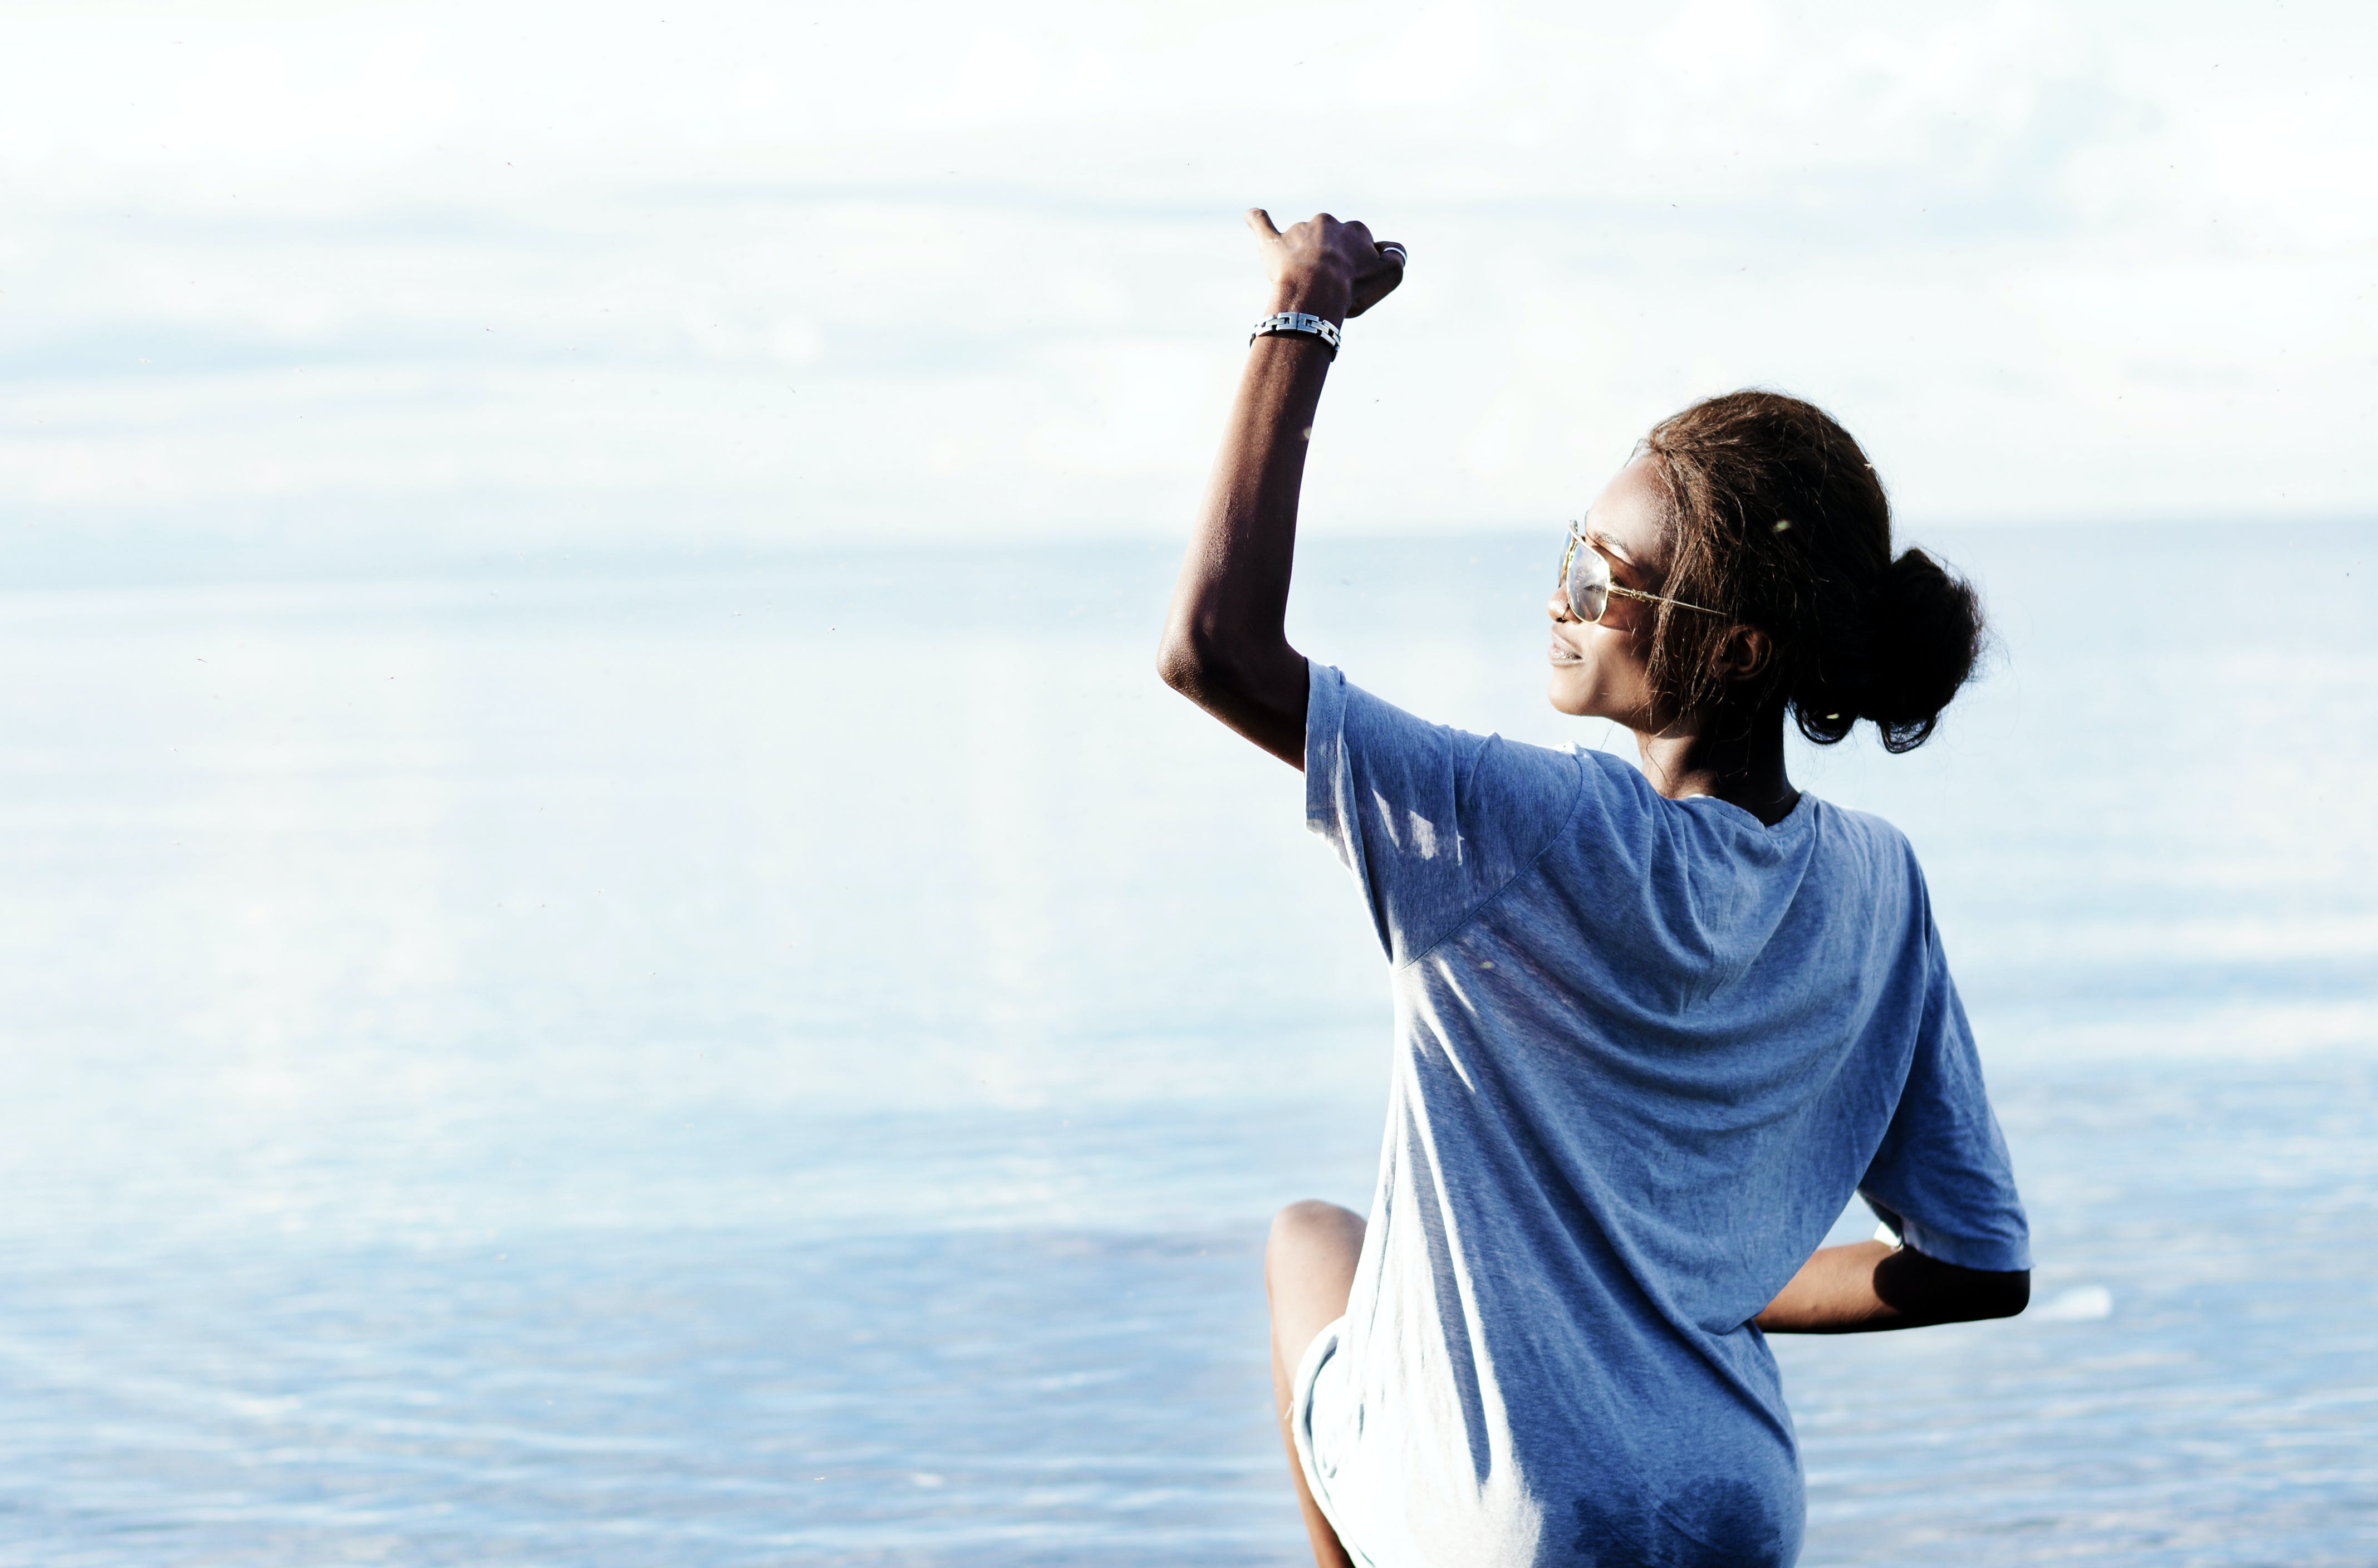 boş zaman, deniz, dinlenme, eğlence içeren Ücretsiz stok fotoğraf